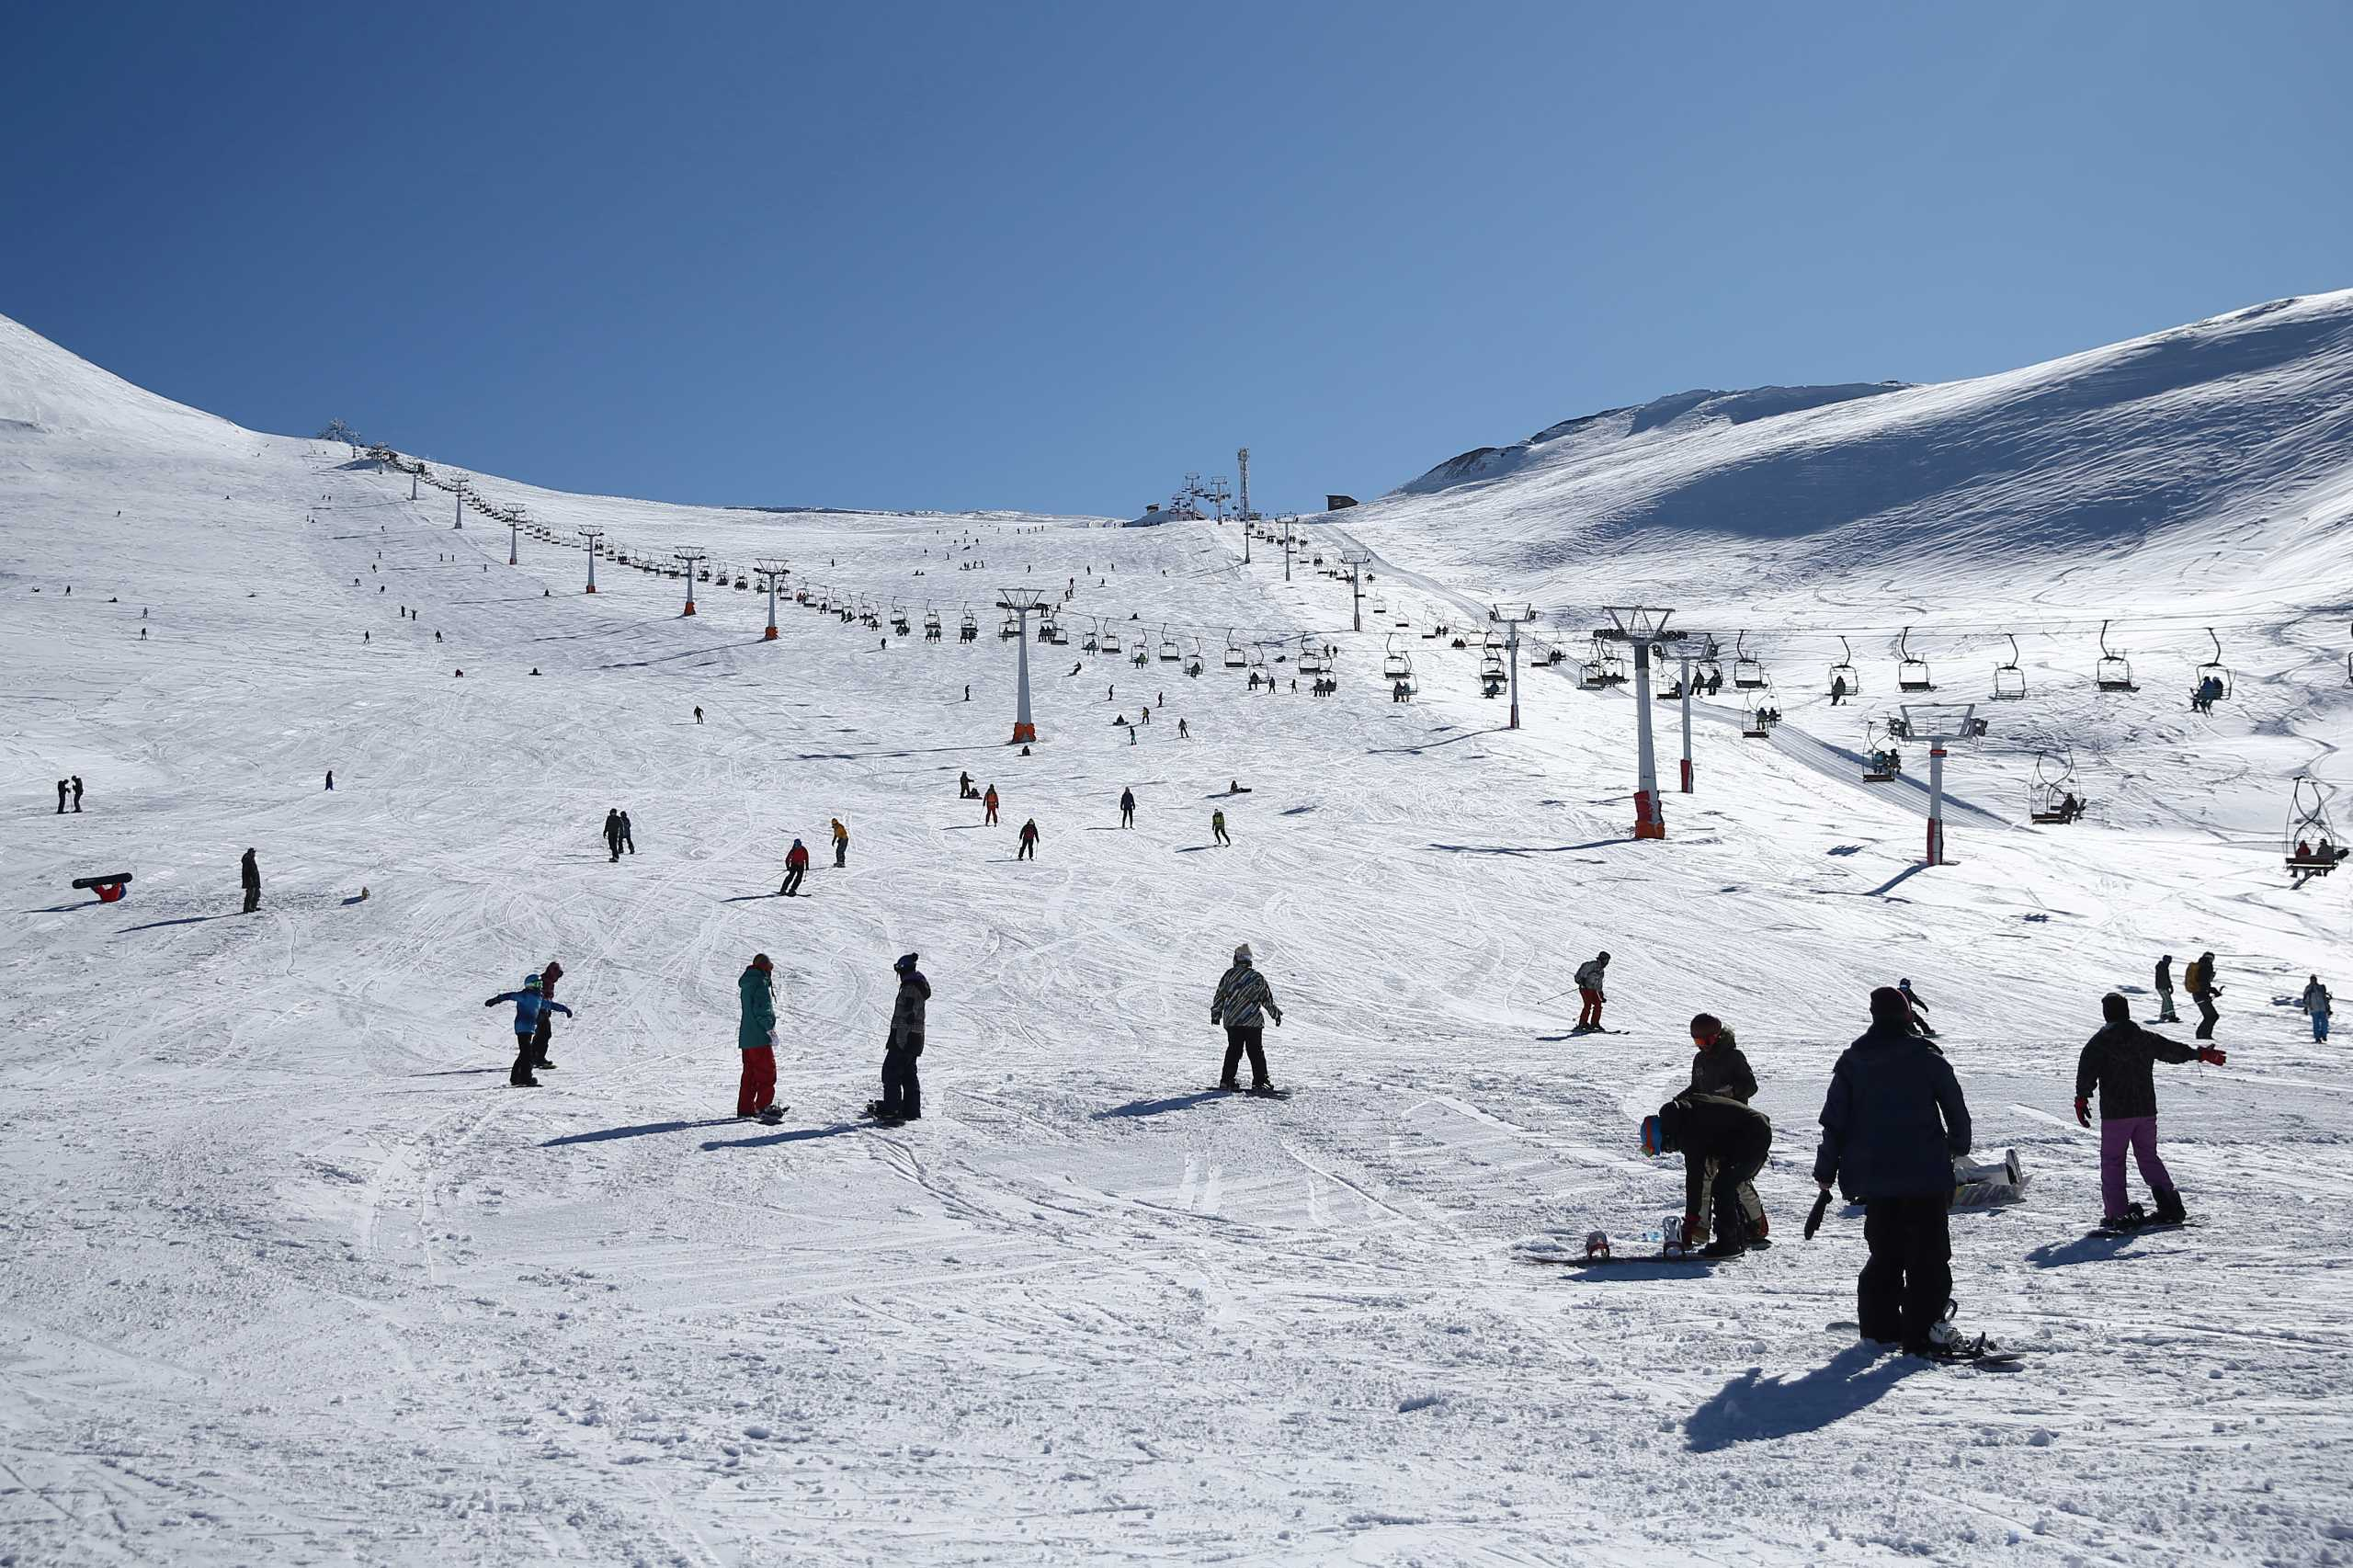 Κορονοϊός: Η Ιταλία μεταθέτει το άνοιγμα χιονοδρομικών κέντρων για τις 18 Ιανουαρίου